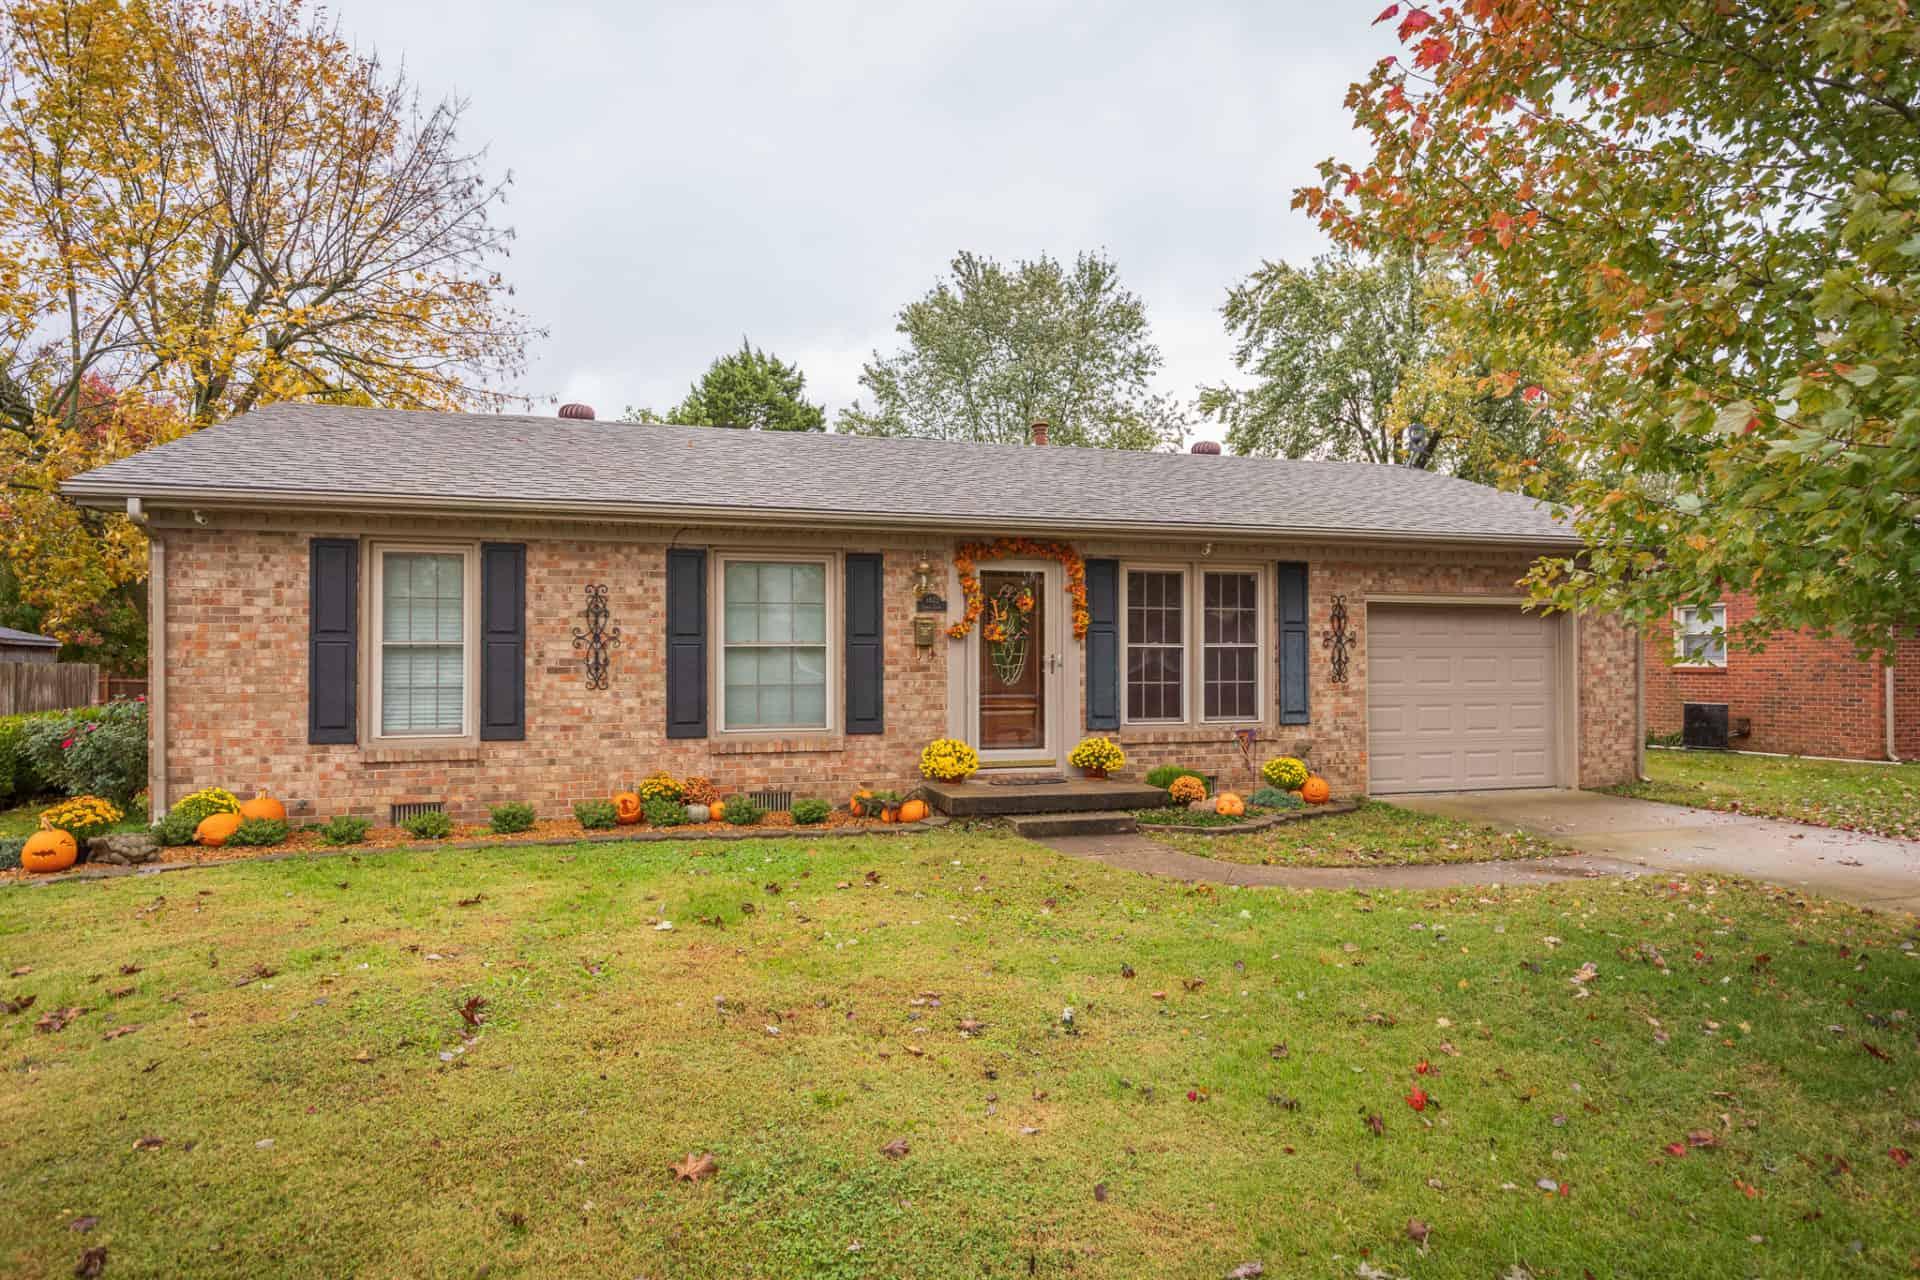 3825 Lewis Lane, Owensboro, KY 42301